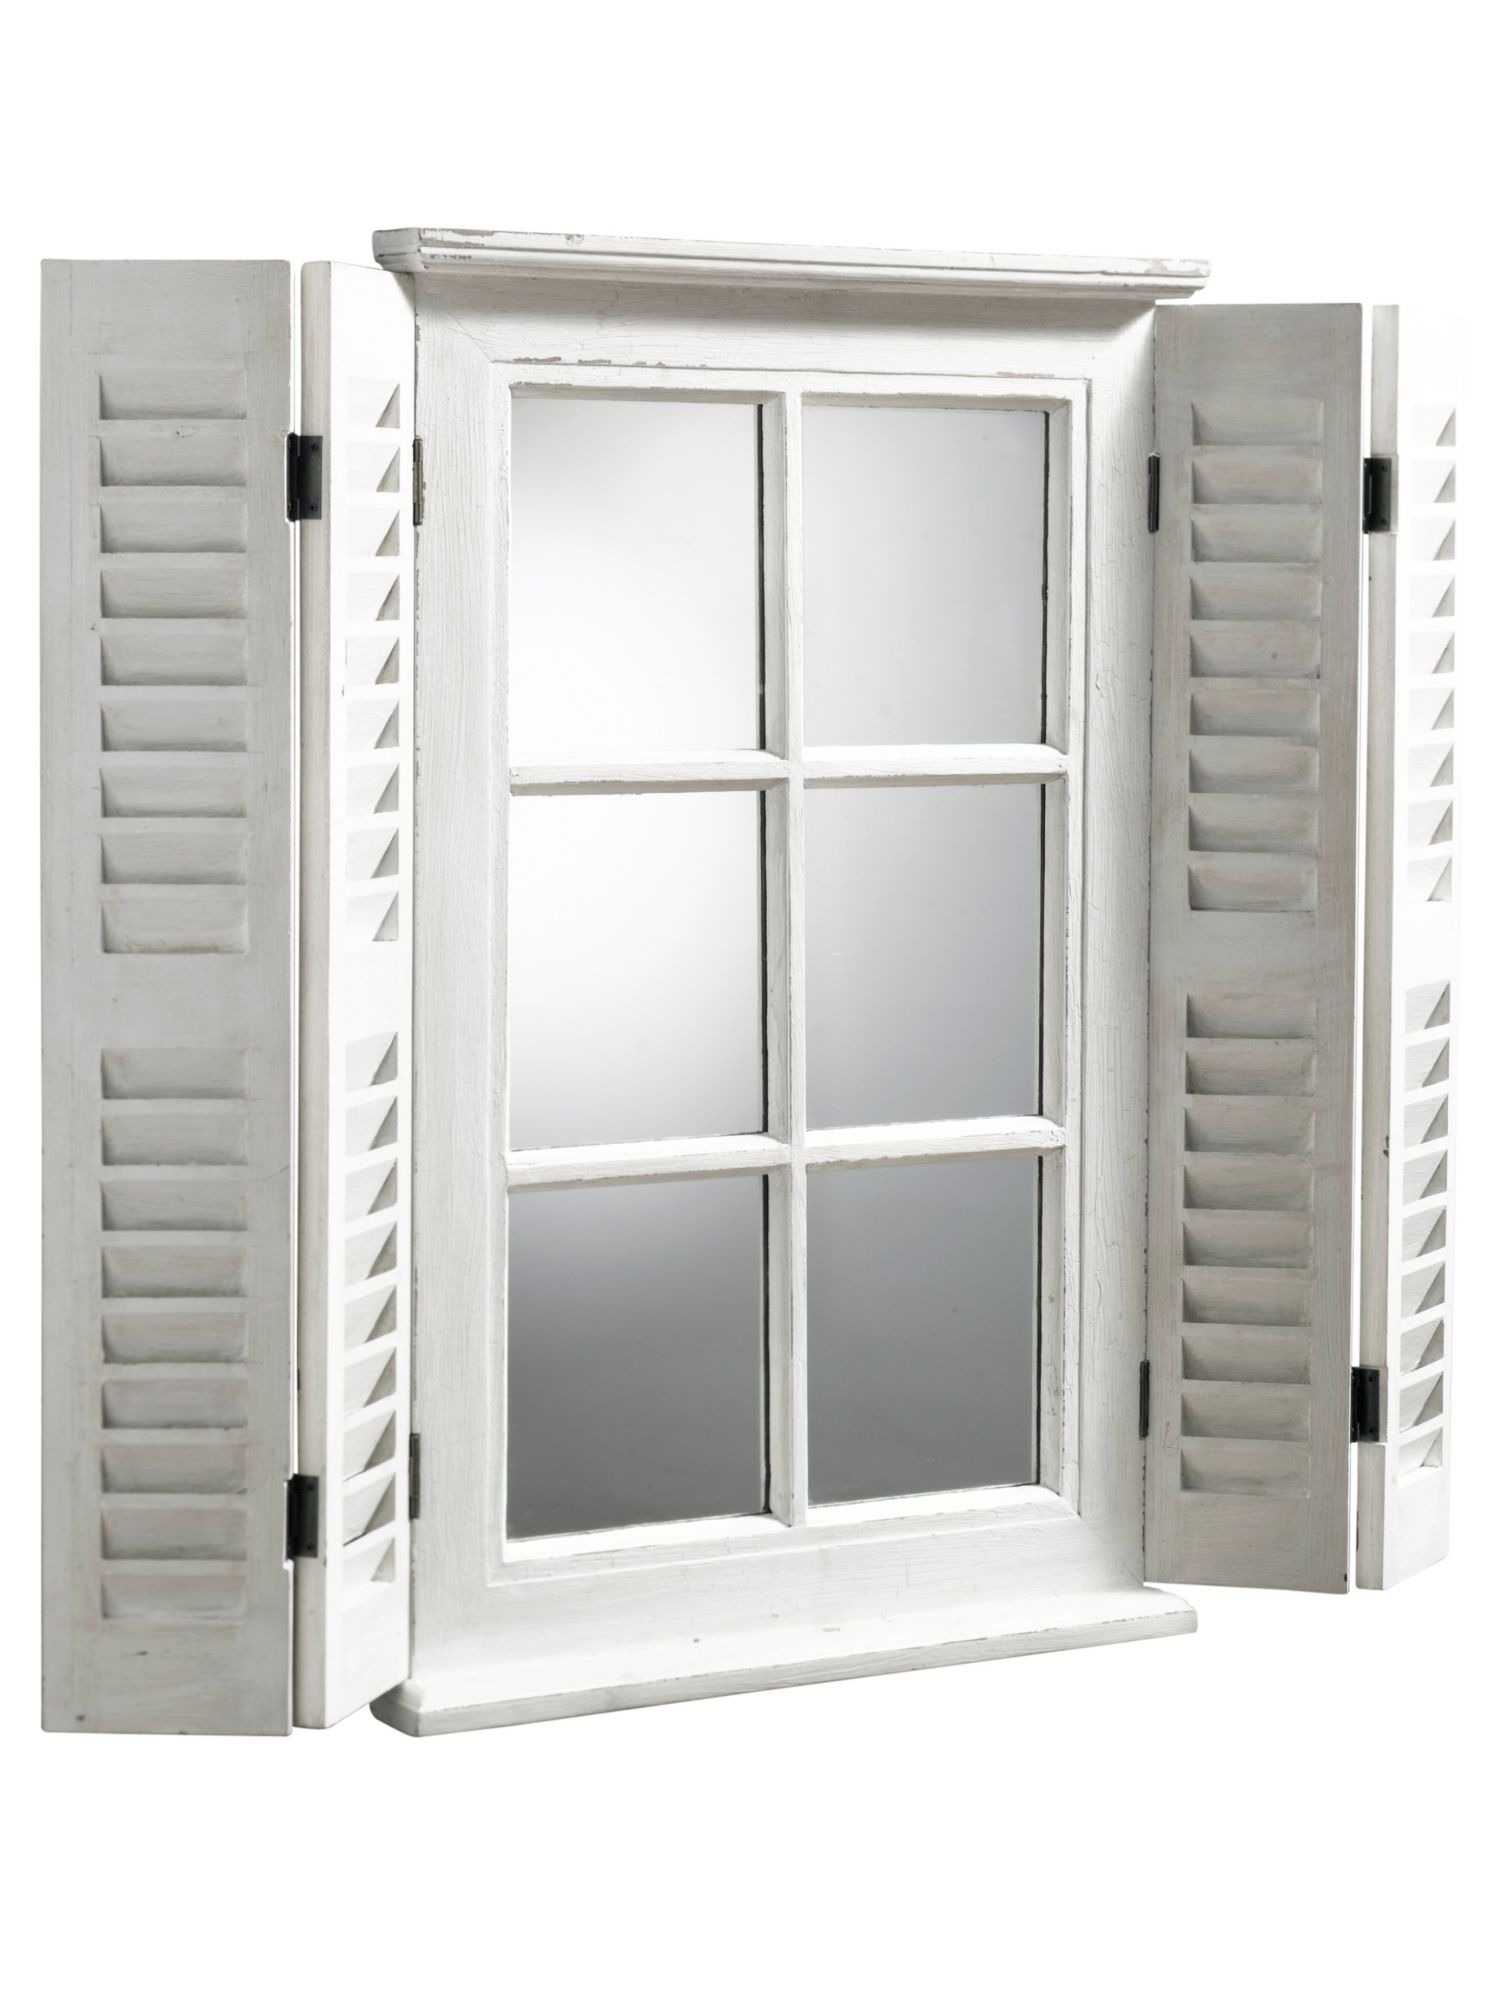 Fenster wanddeko g nstig online kaufen beim schwab versand for Fenster schnelle lieferung